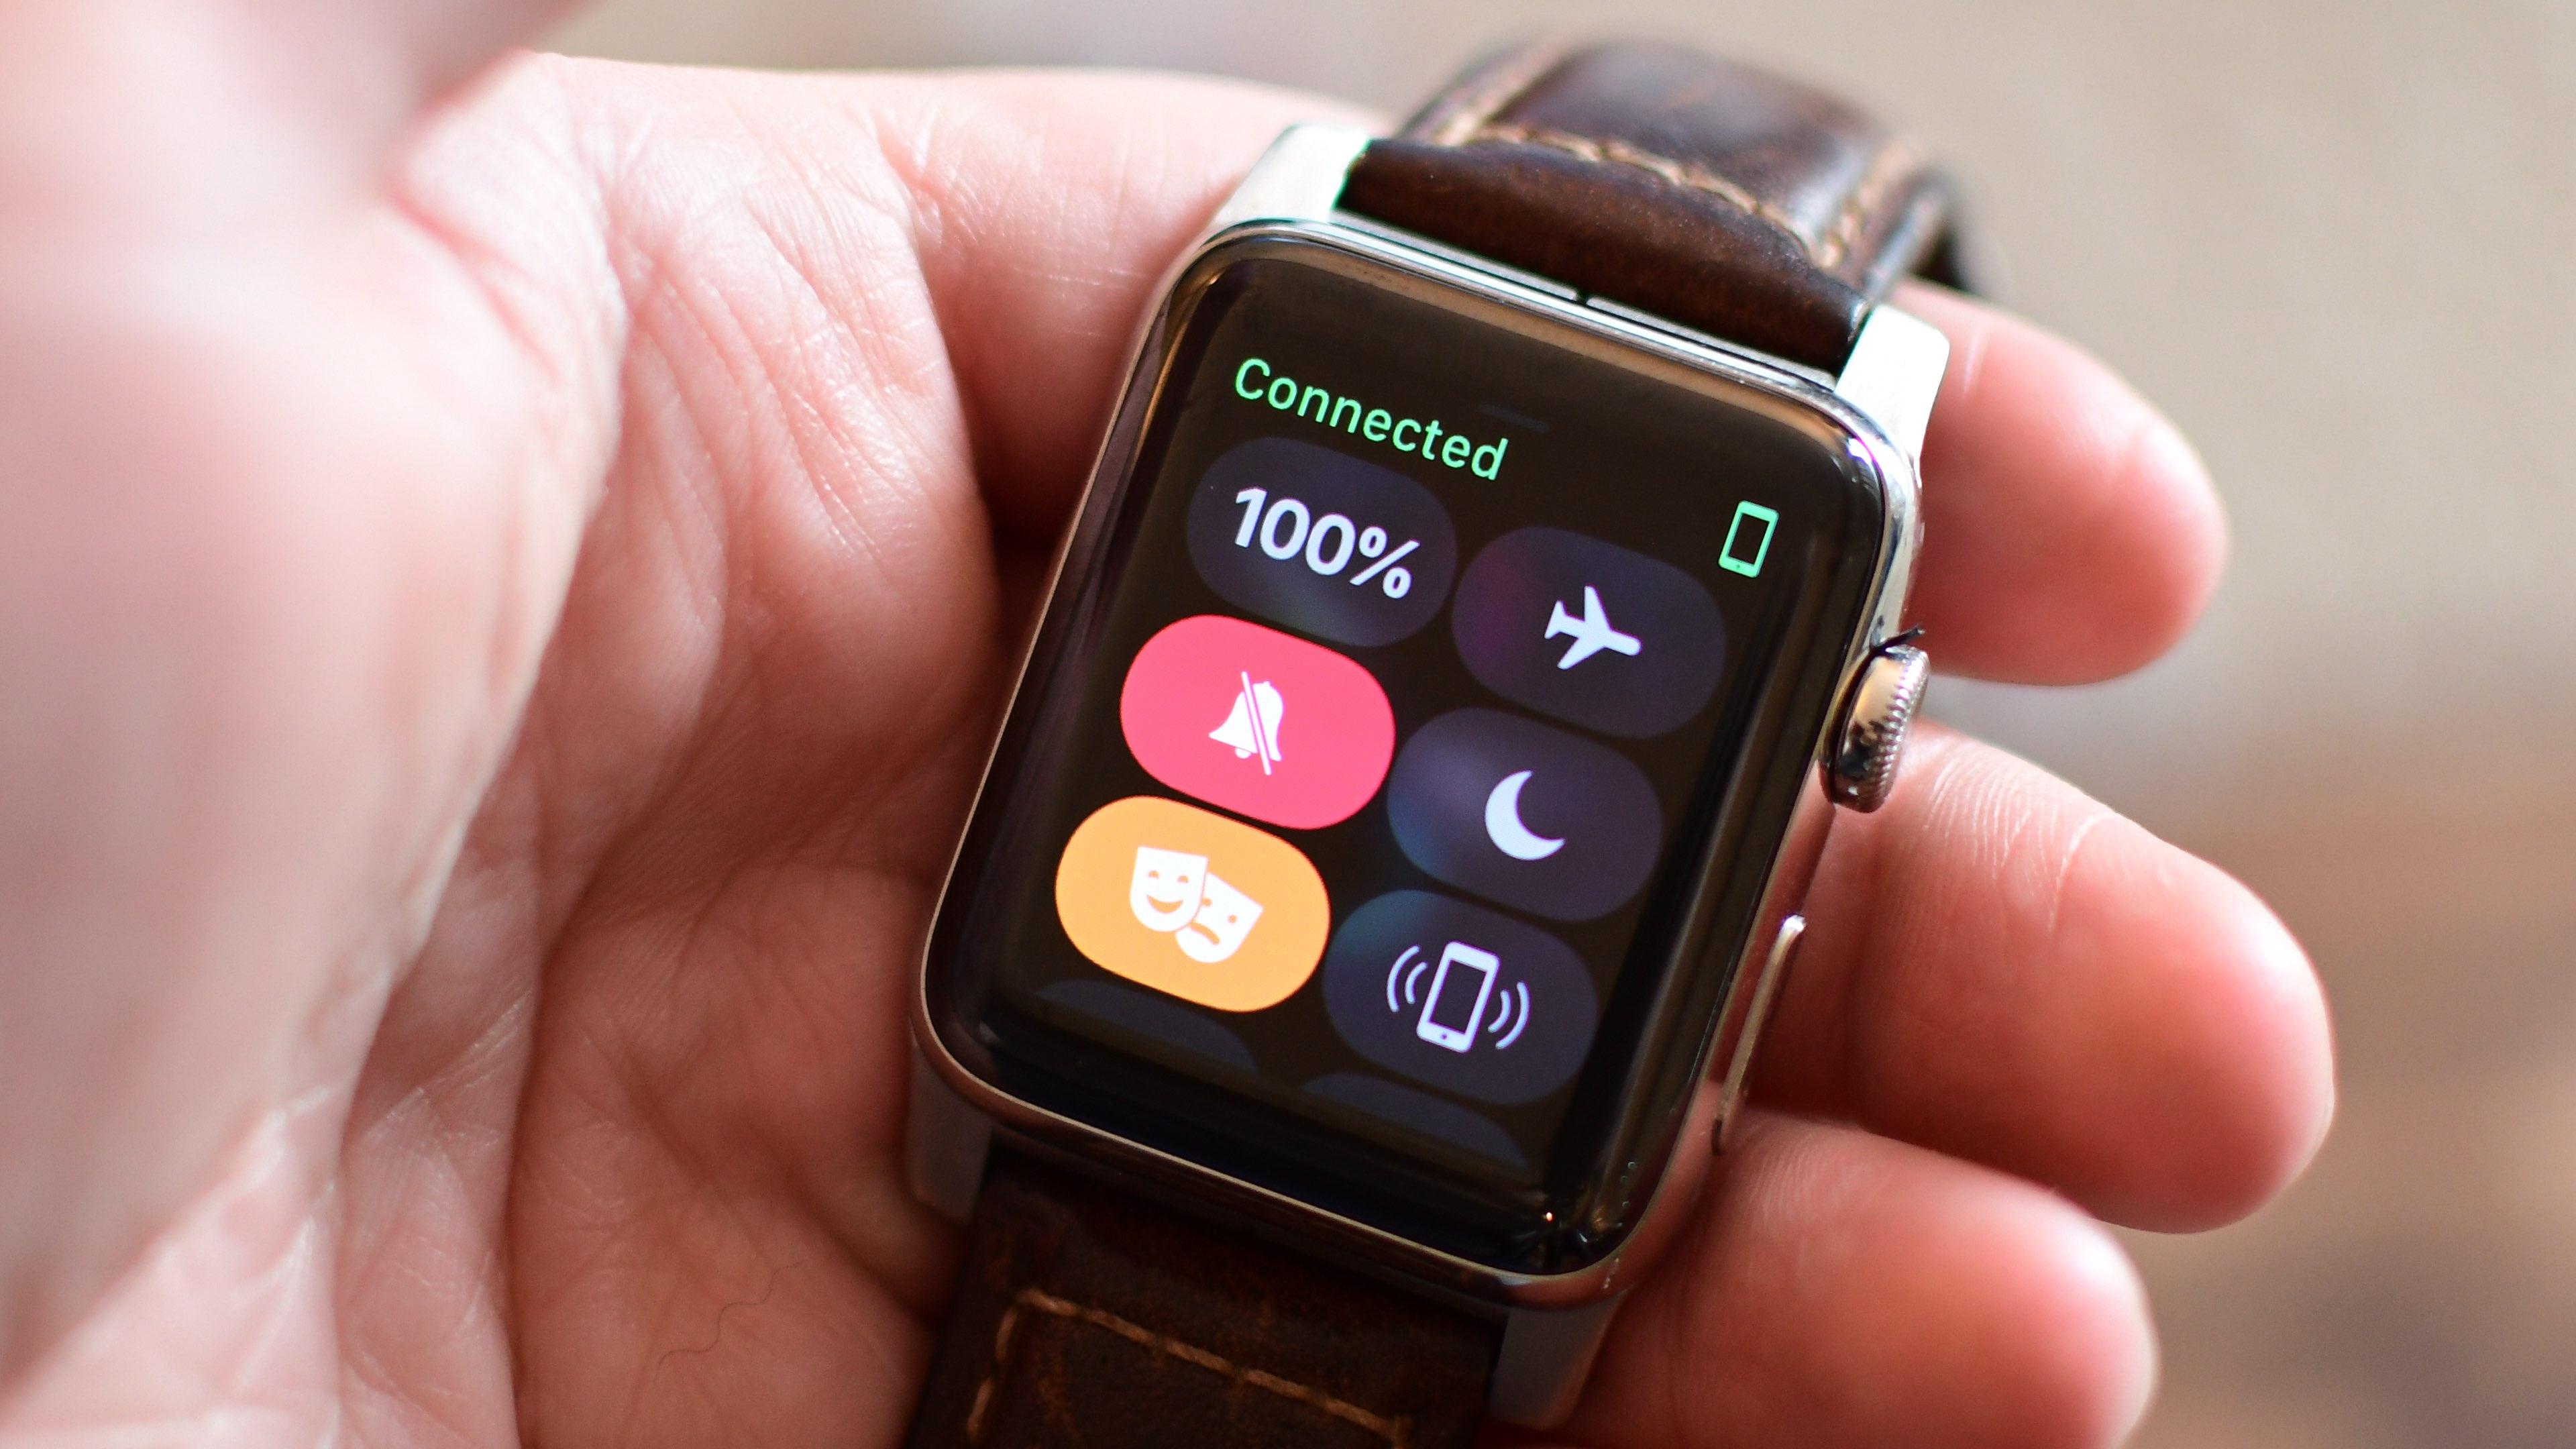 Как работает новый режим Theater (Кинотеатр) на Apple Watch: видео